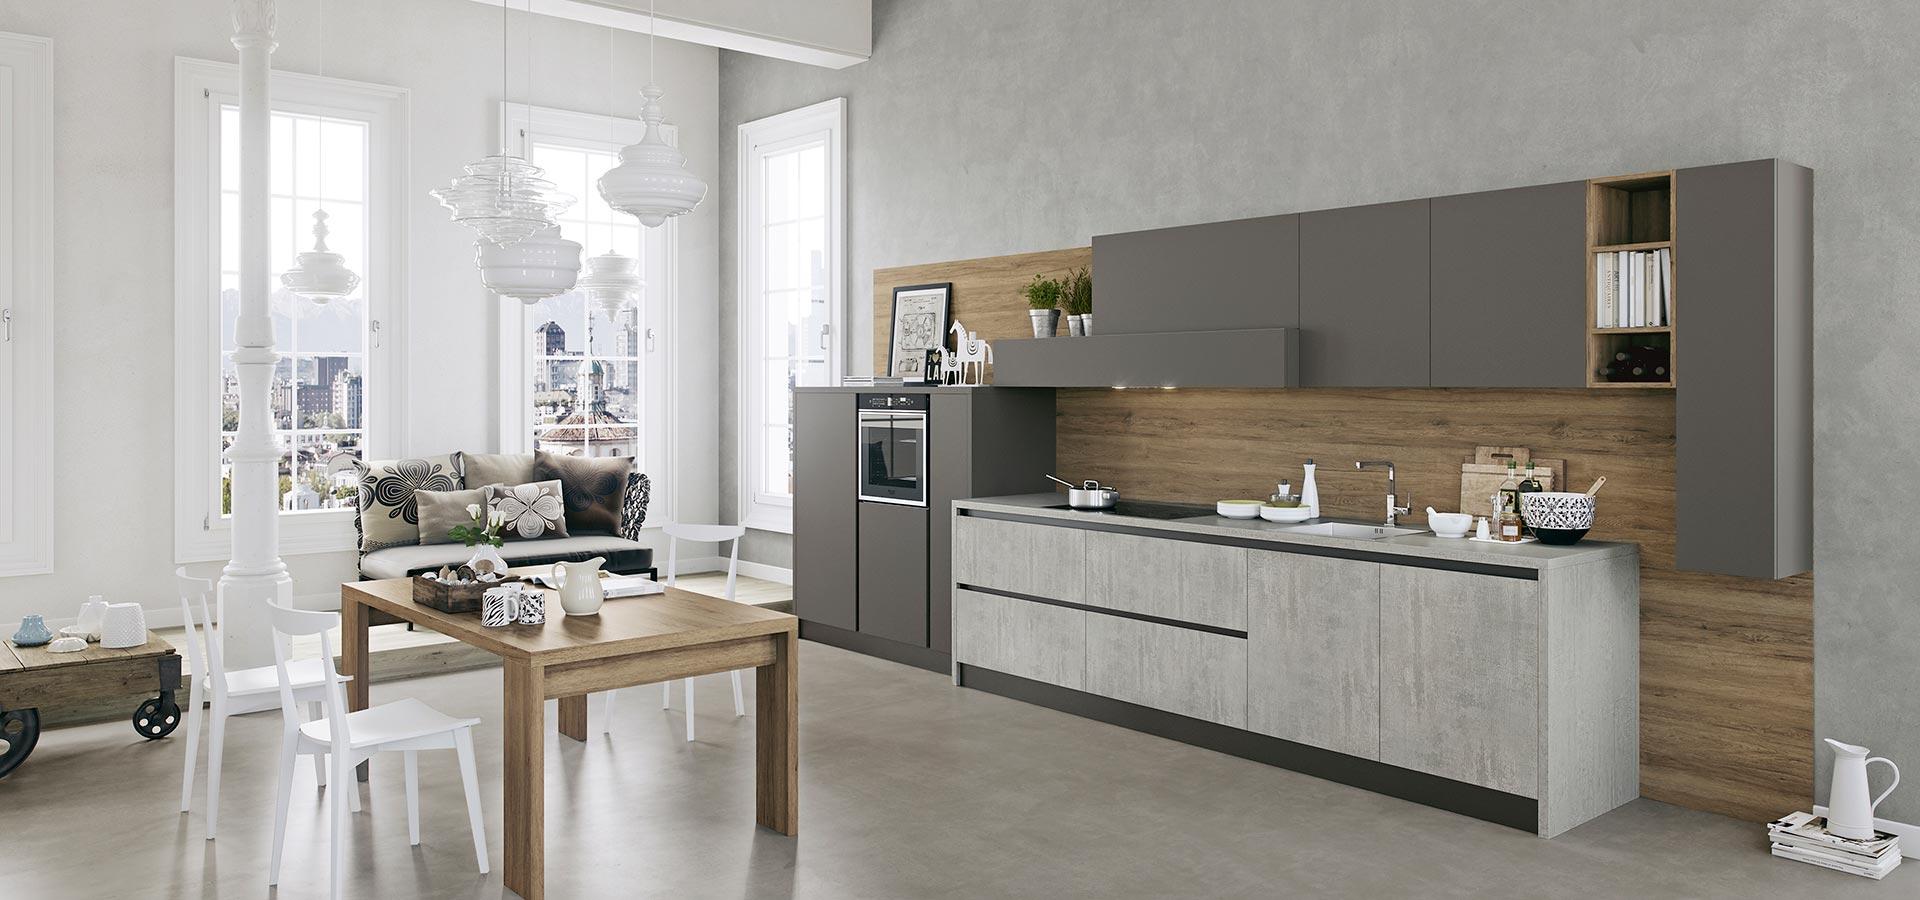 cucina moderna grigia